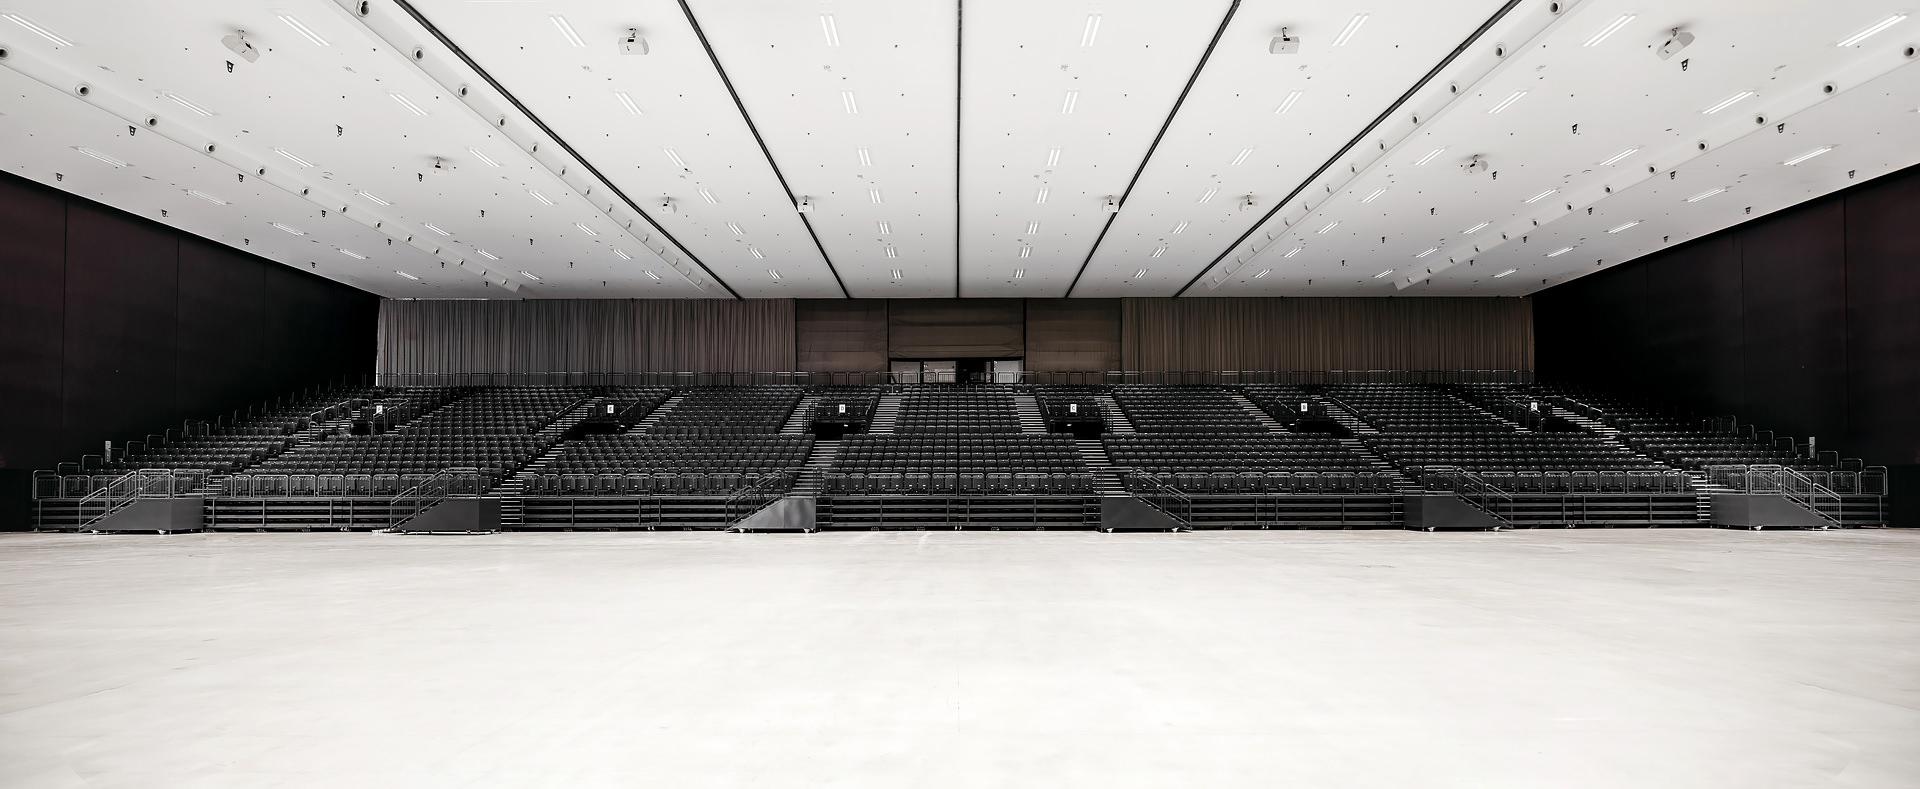 Stadthalle-4-1